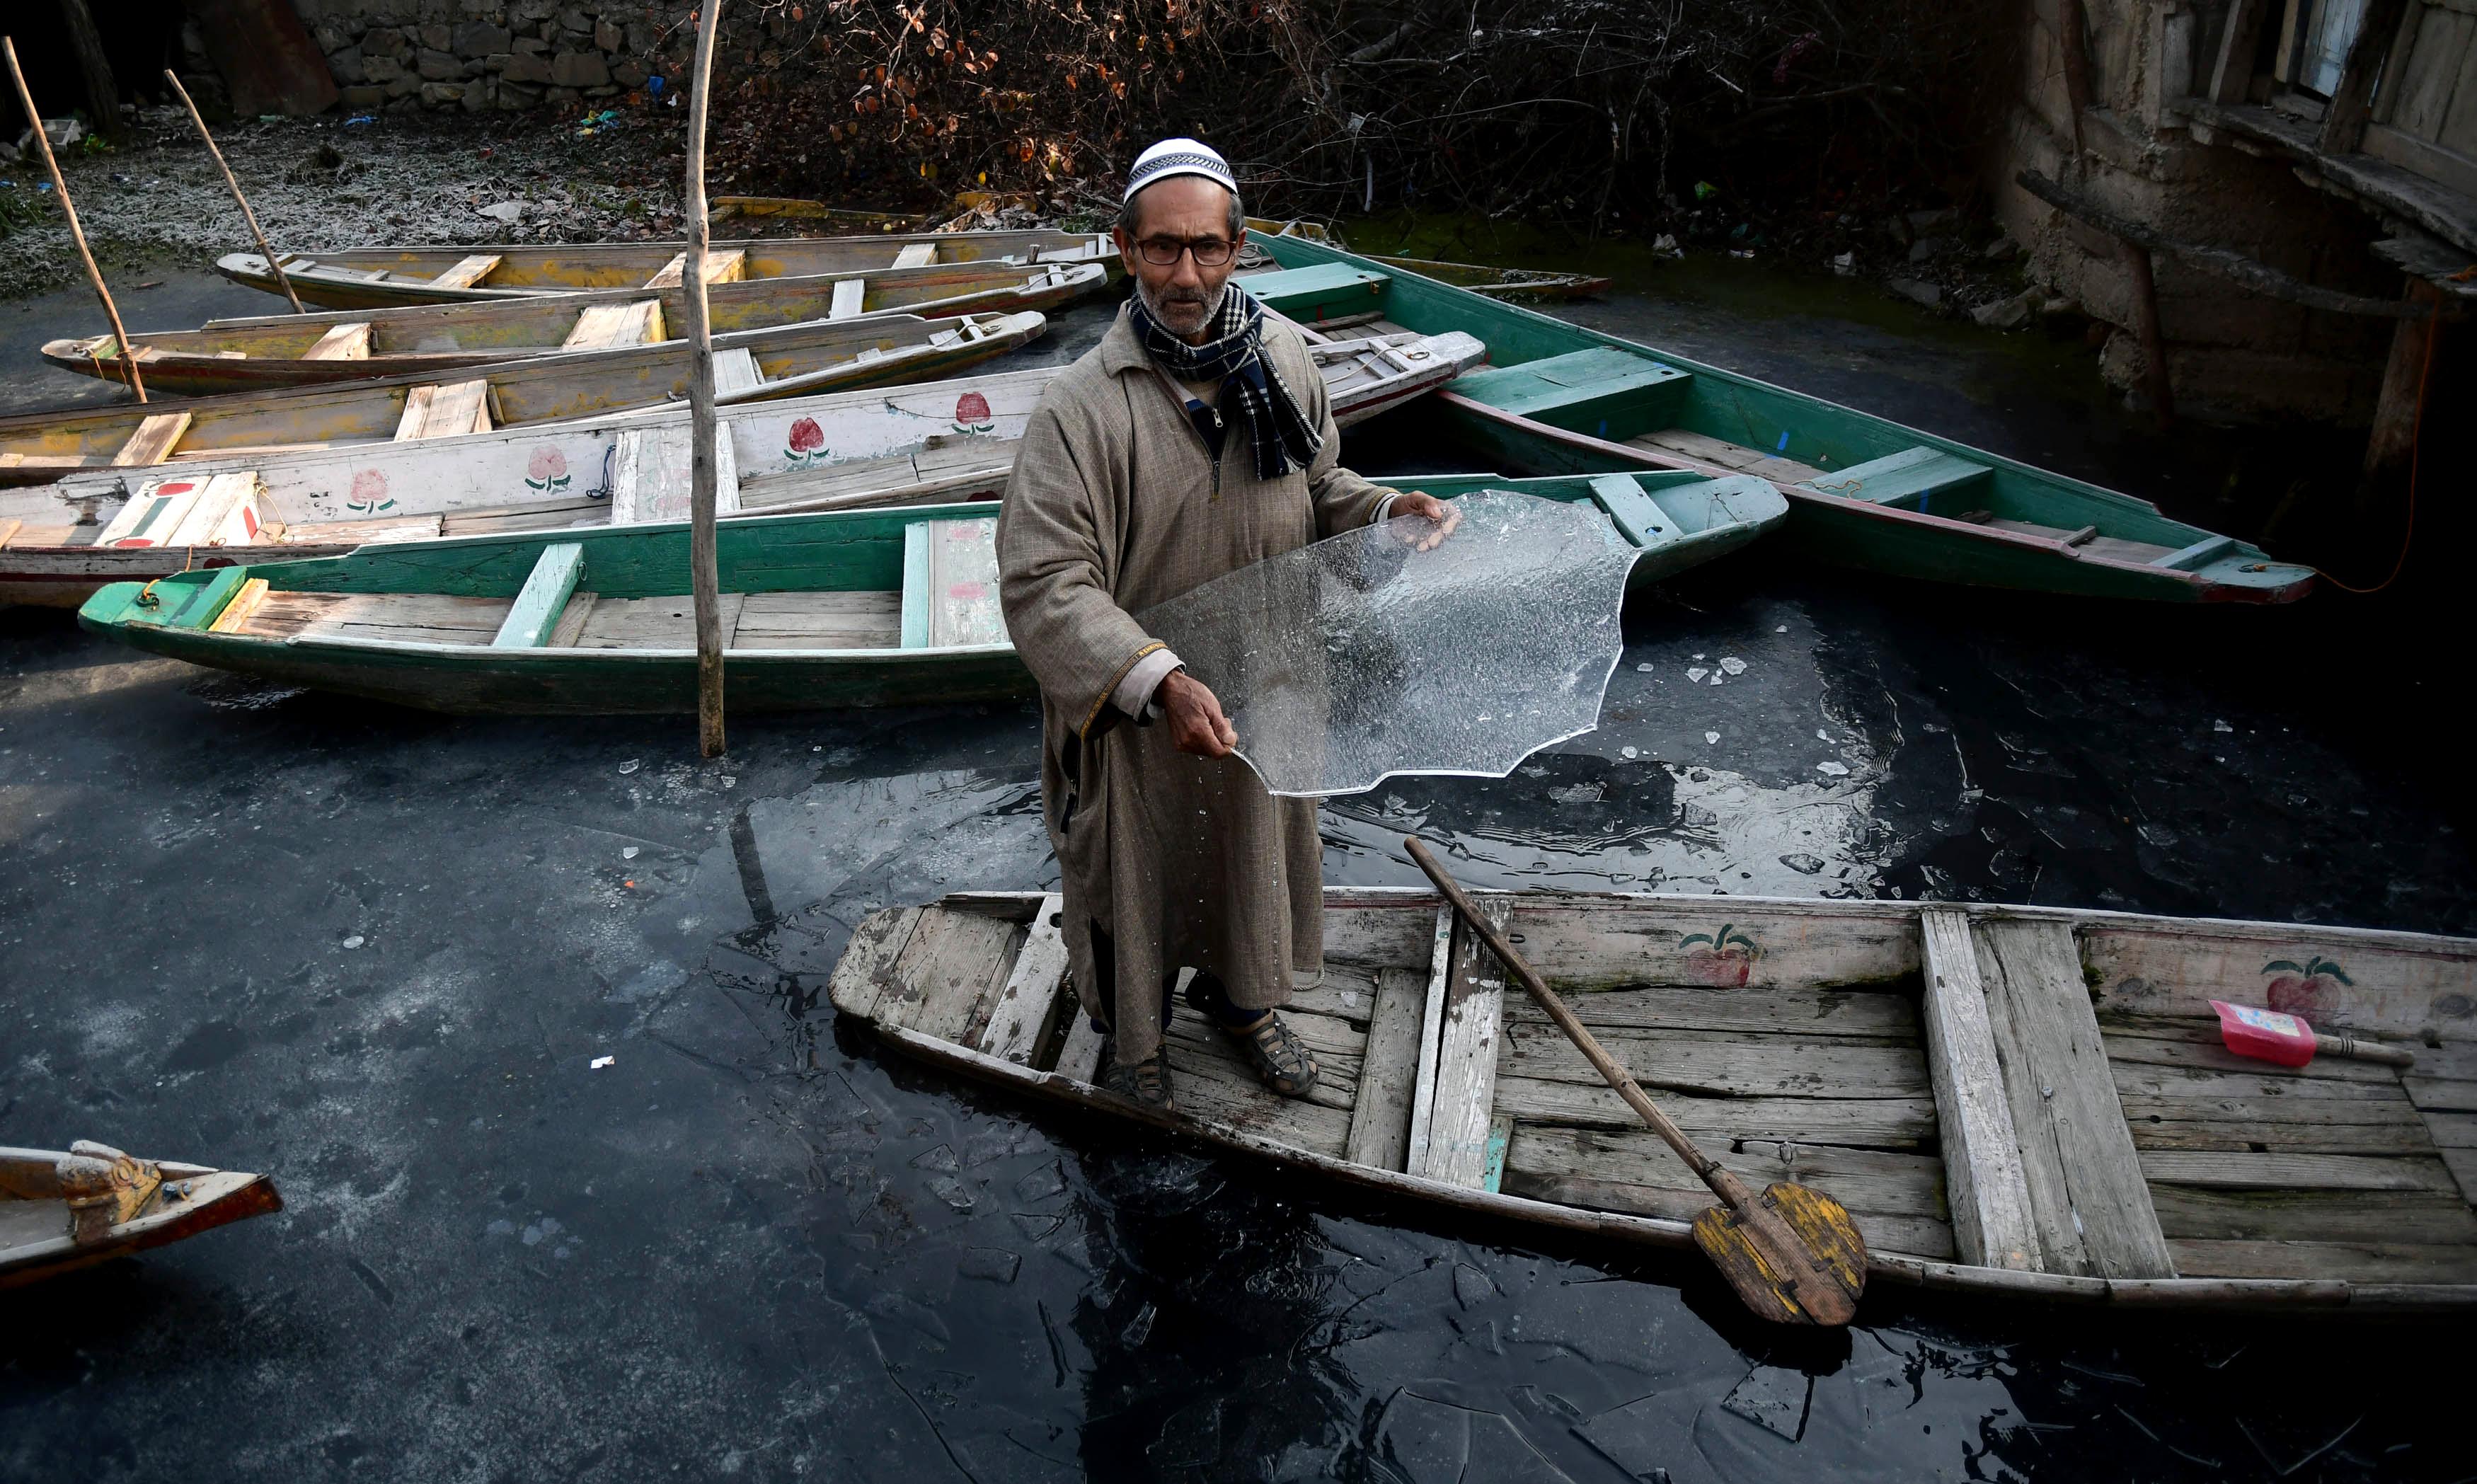 श्रीनगर में टेम्प्रेचर -6 तक गिर गया है। इससे डल झील जम चुकी है।